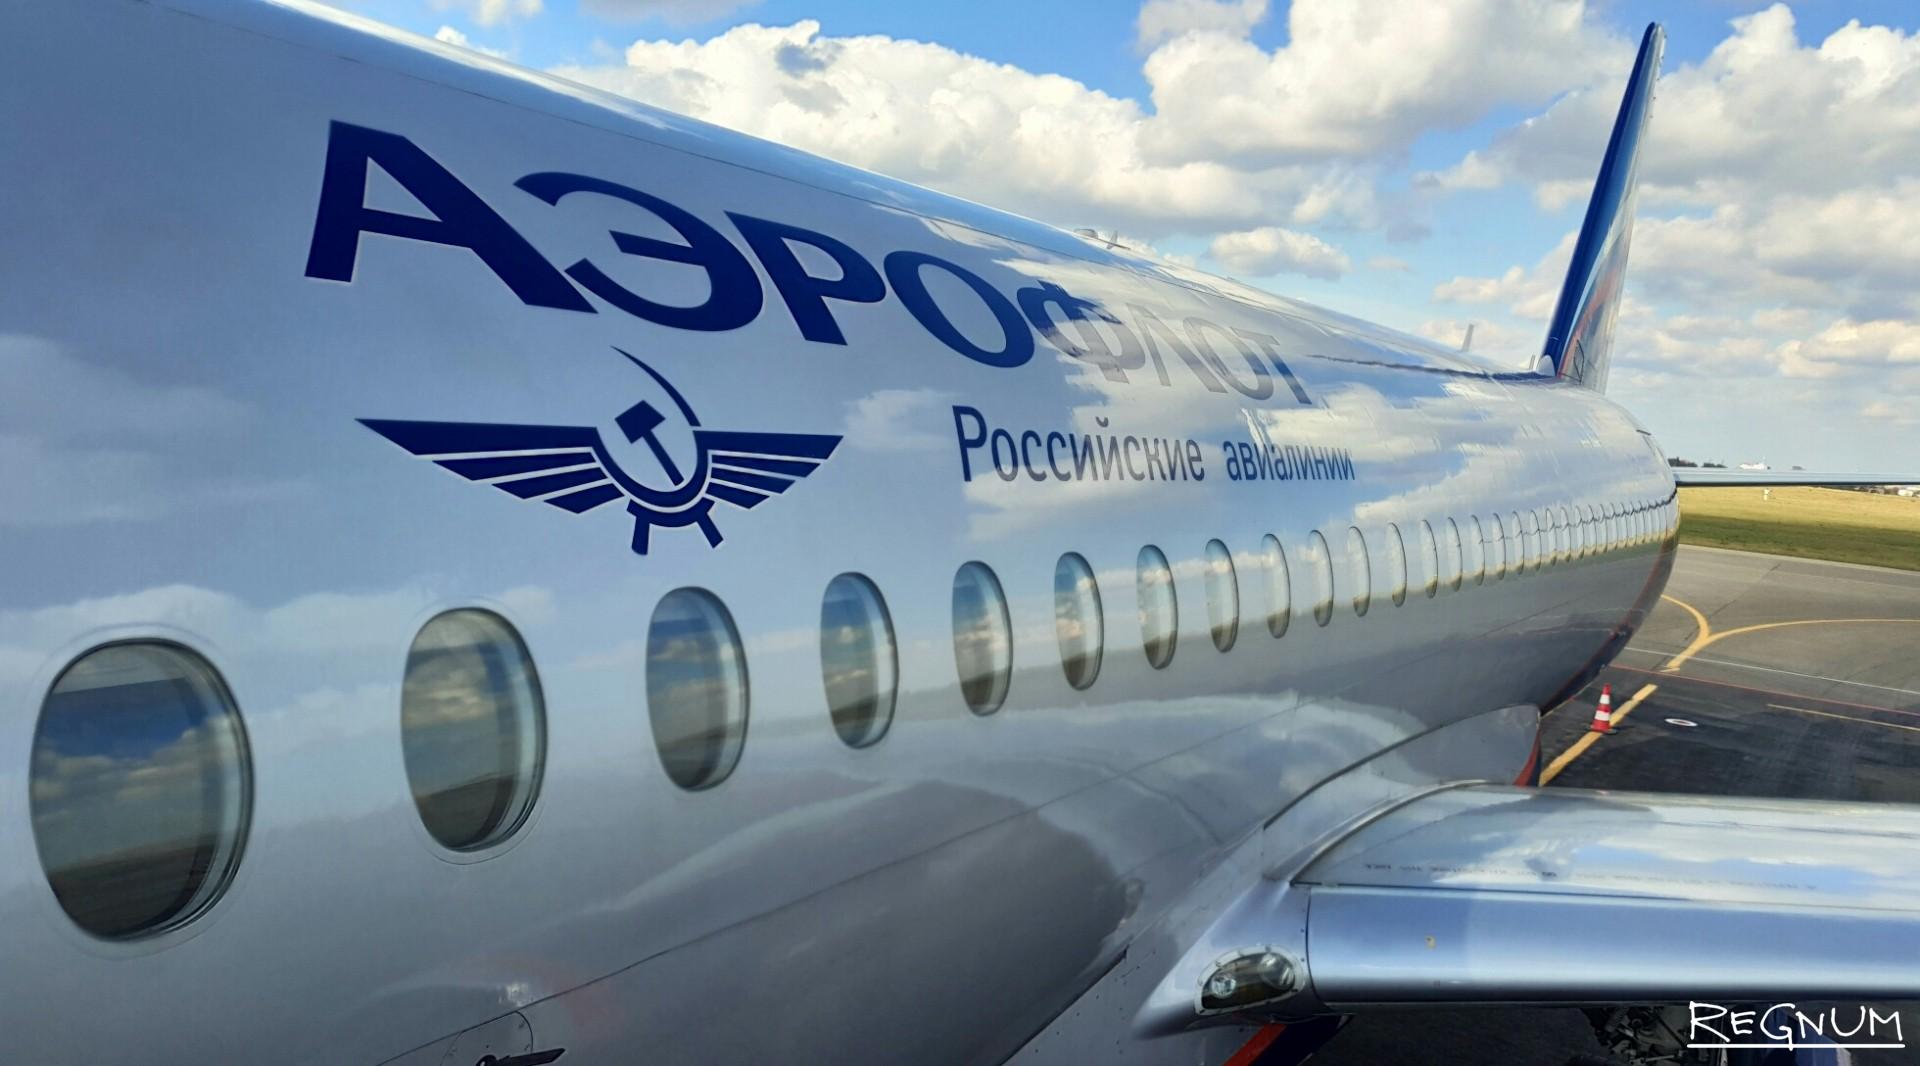 Цены на авиабилеты «Аэрофлота» в июле поднялись в среднем на 5 евро, узнаем почему?